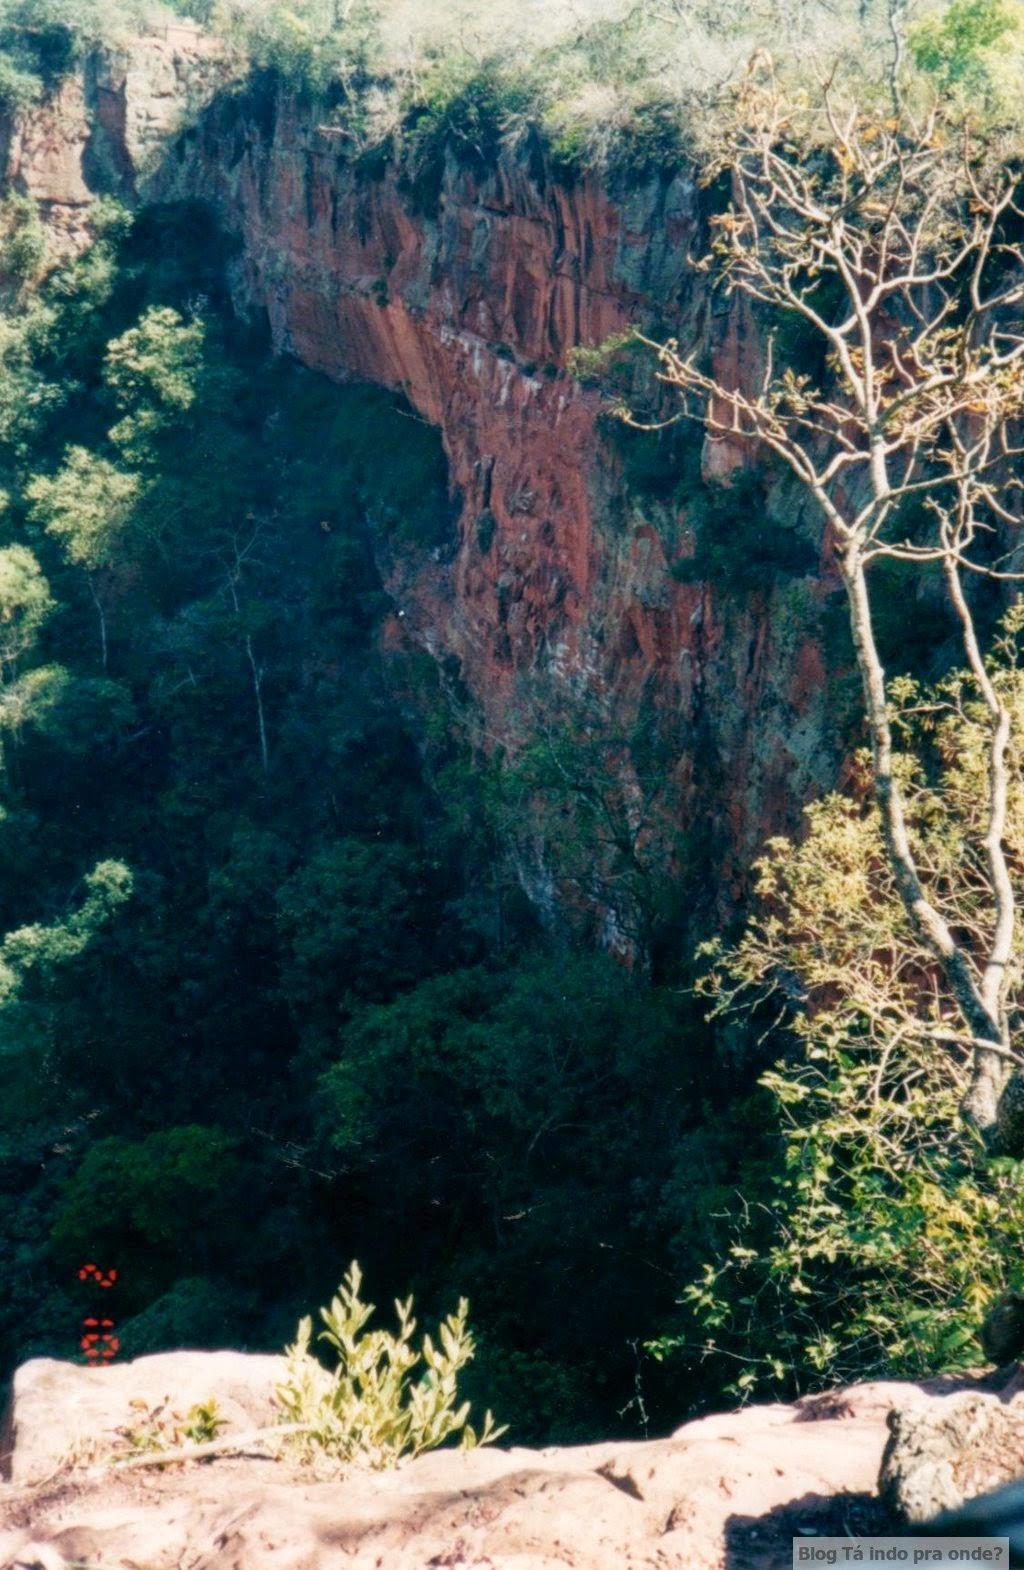 Buraco das Araras - Bonito